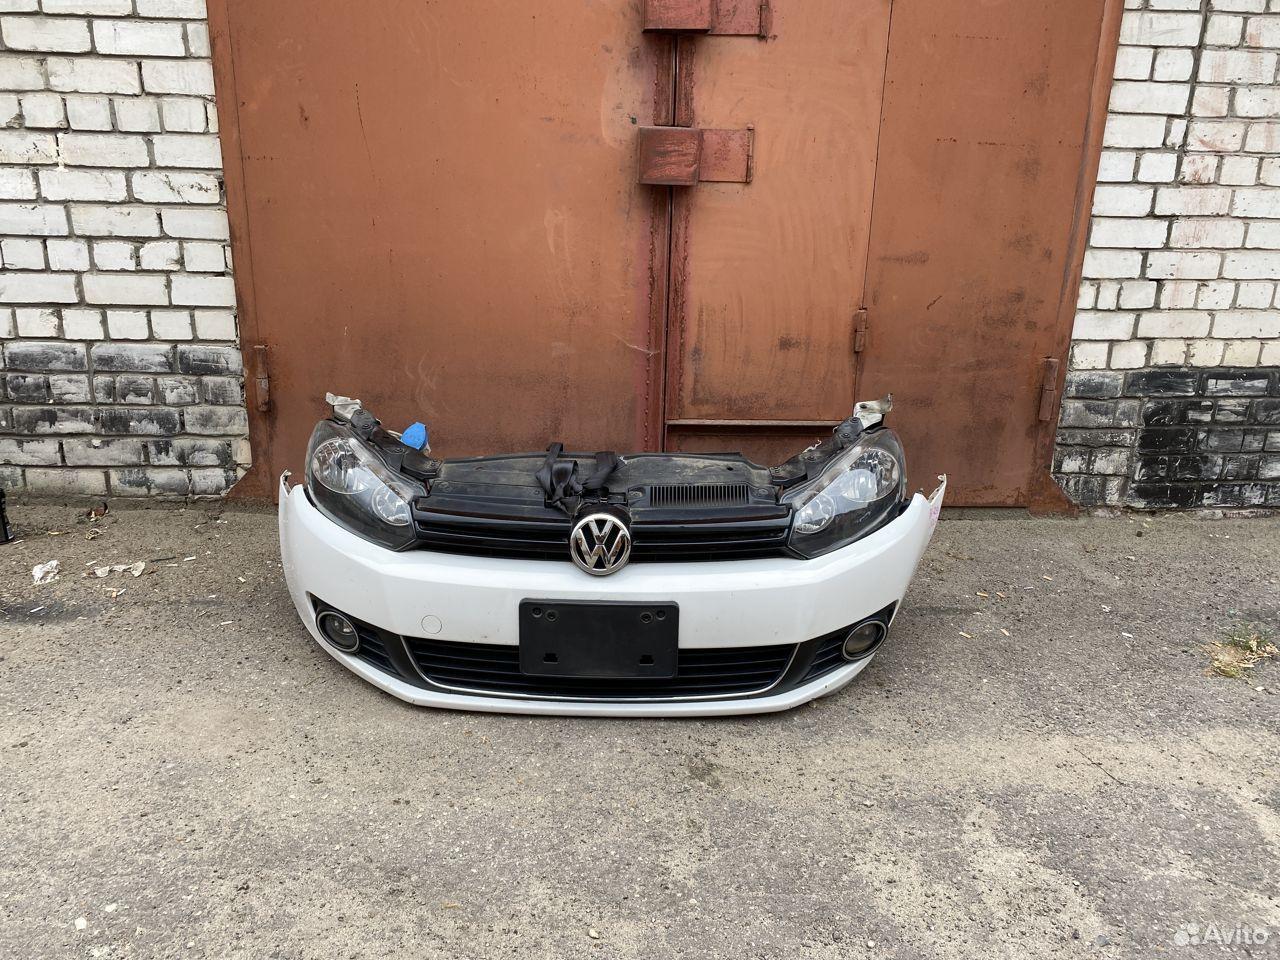 Ноускат белый Volkswagen Golf 6  89534684247 купить 1